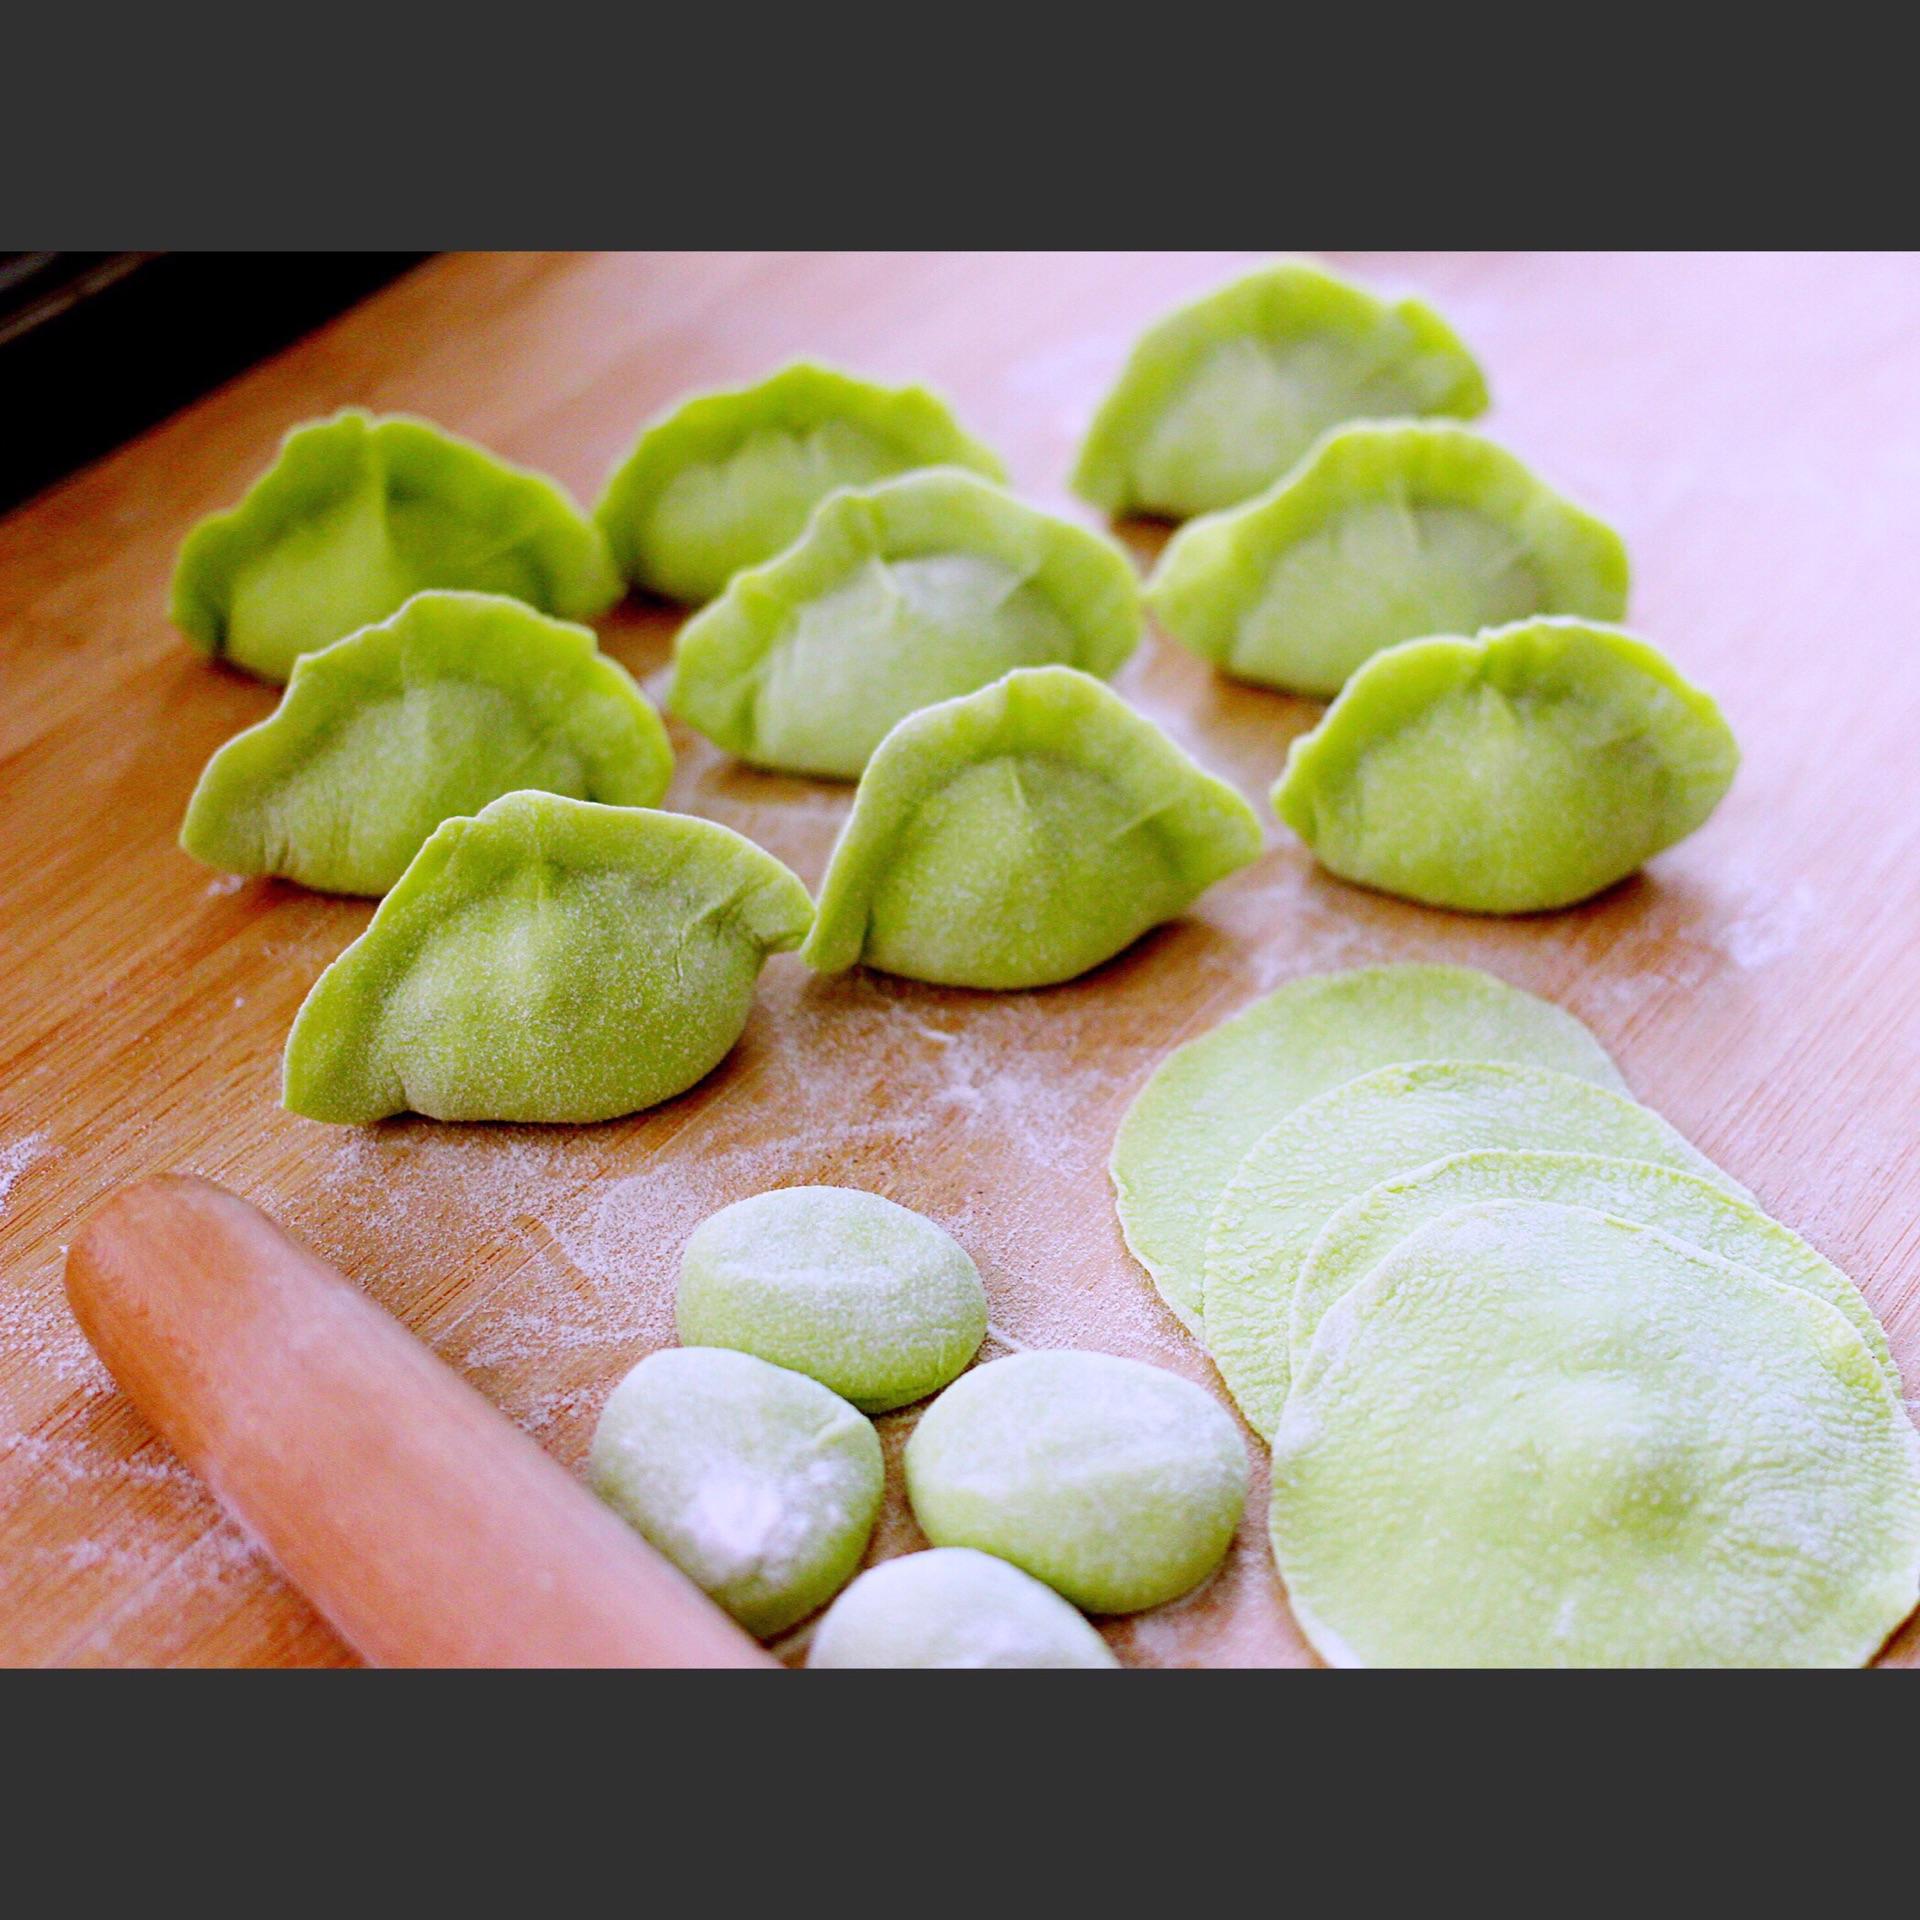 翠玉芹菜海米饺子的做法图解22